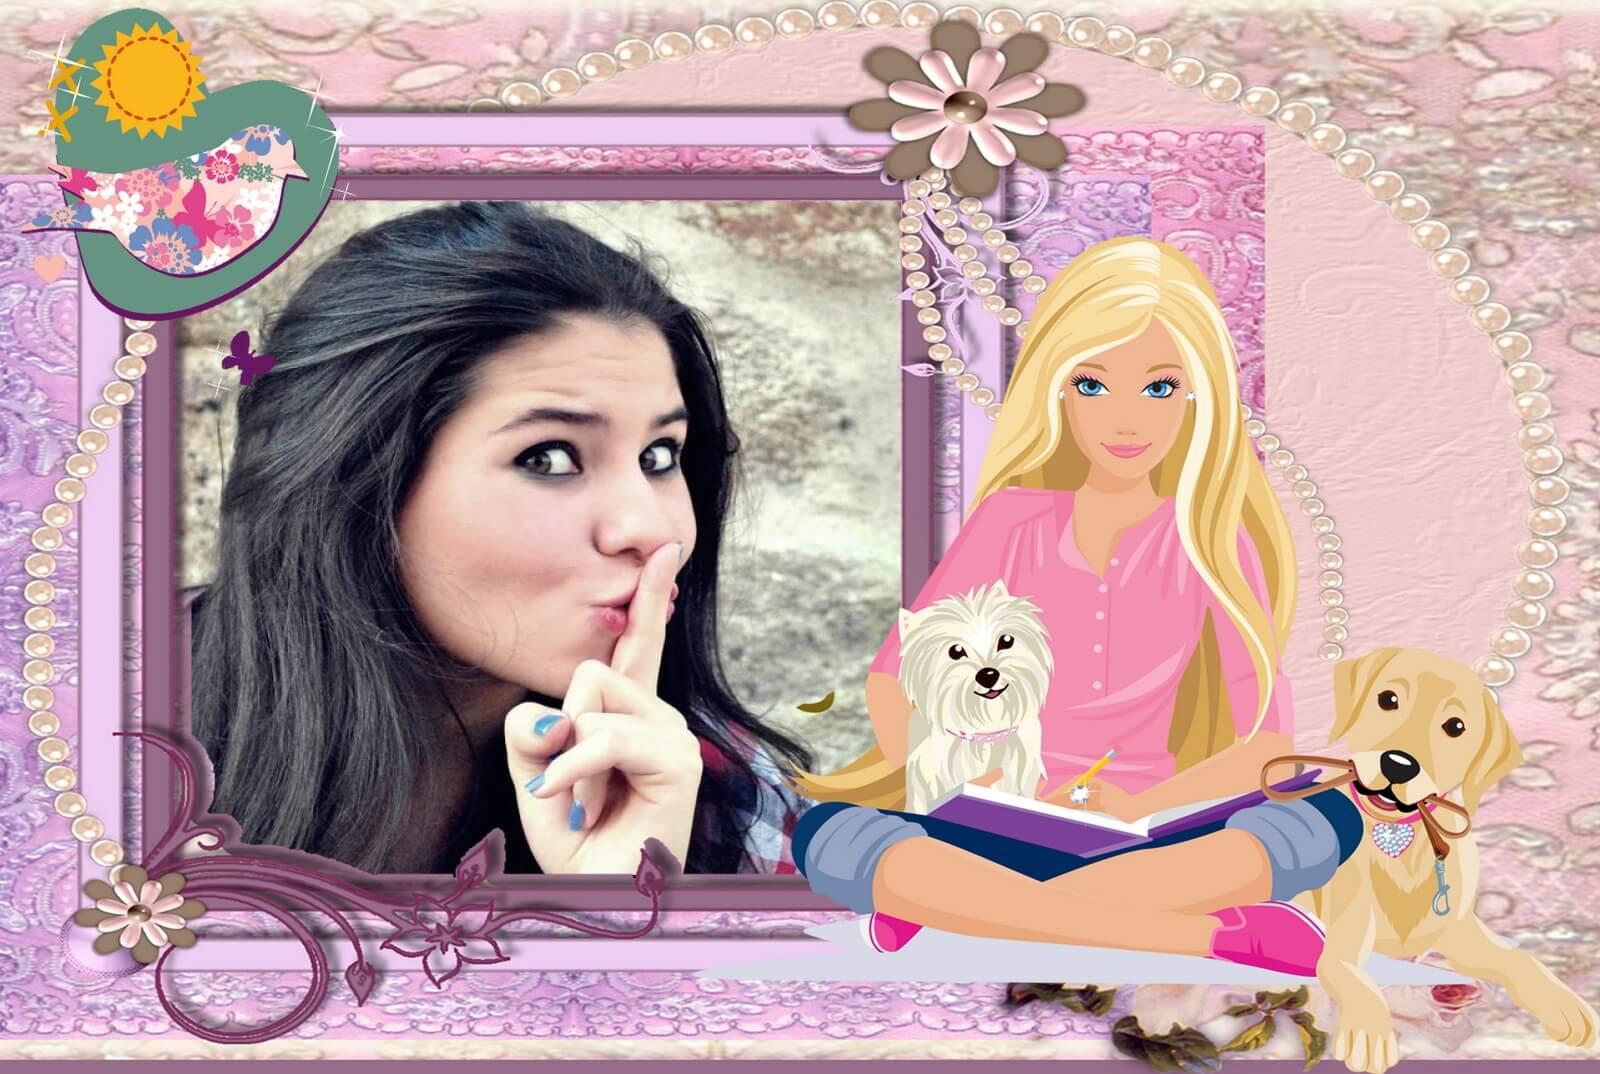 montagem-de-fotos-da-barbie-com-cachorros